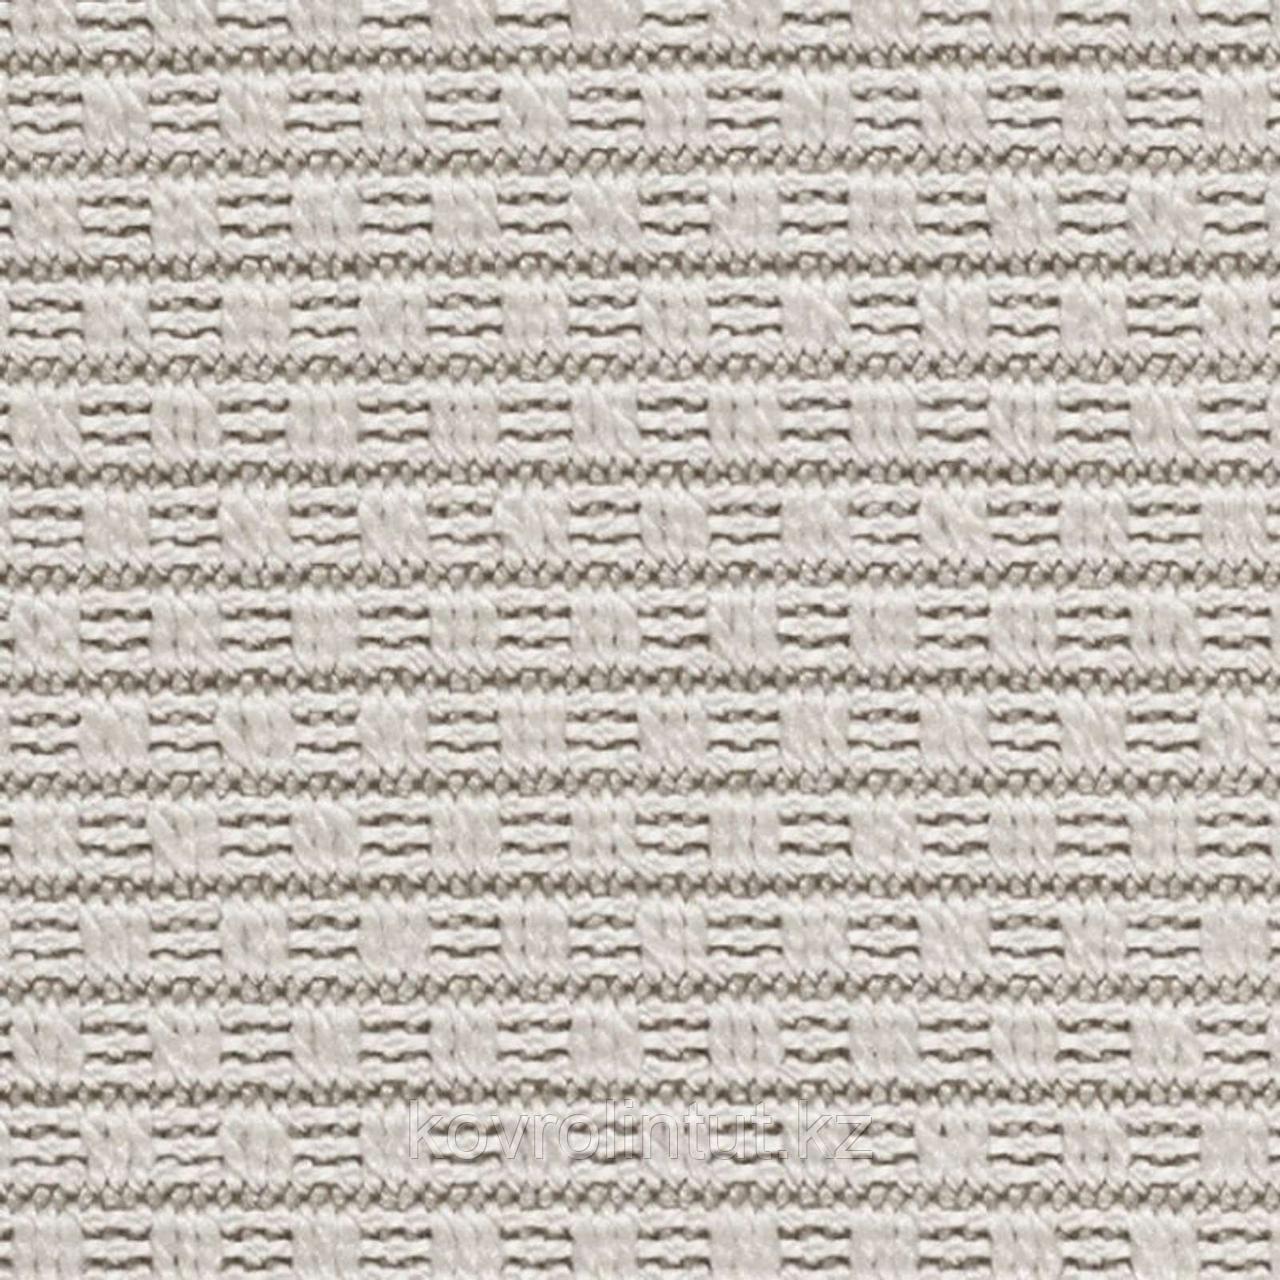 Покрытие ковровое Basket 50816, 4508/16 4 м, 100% PP